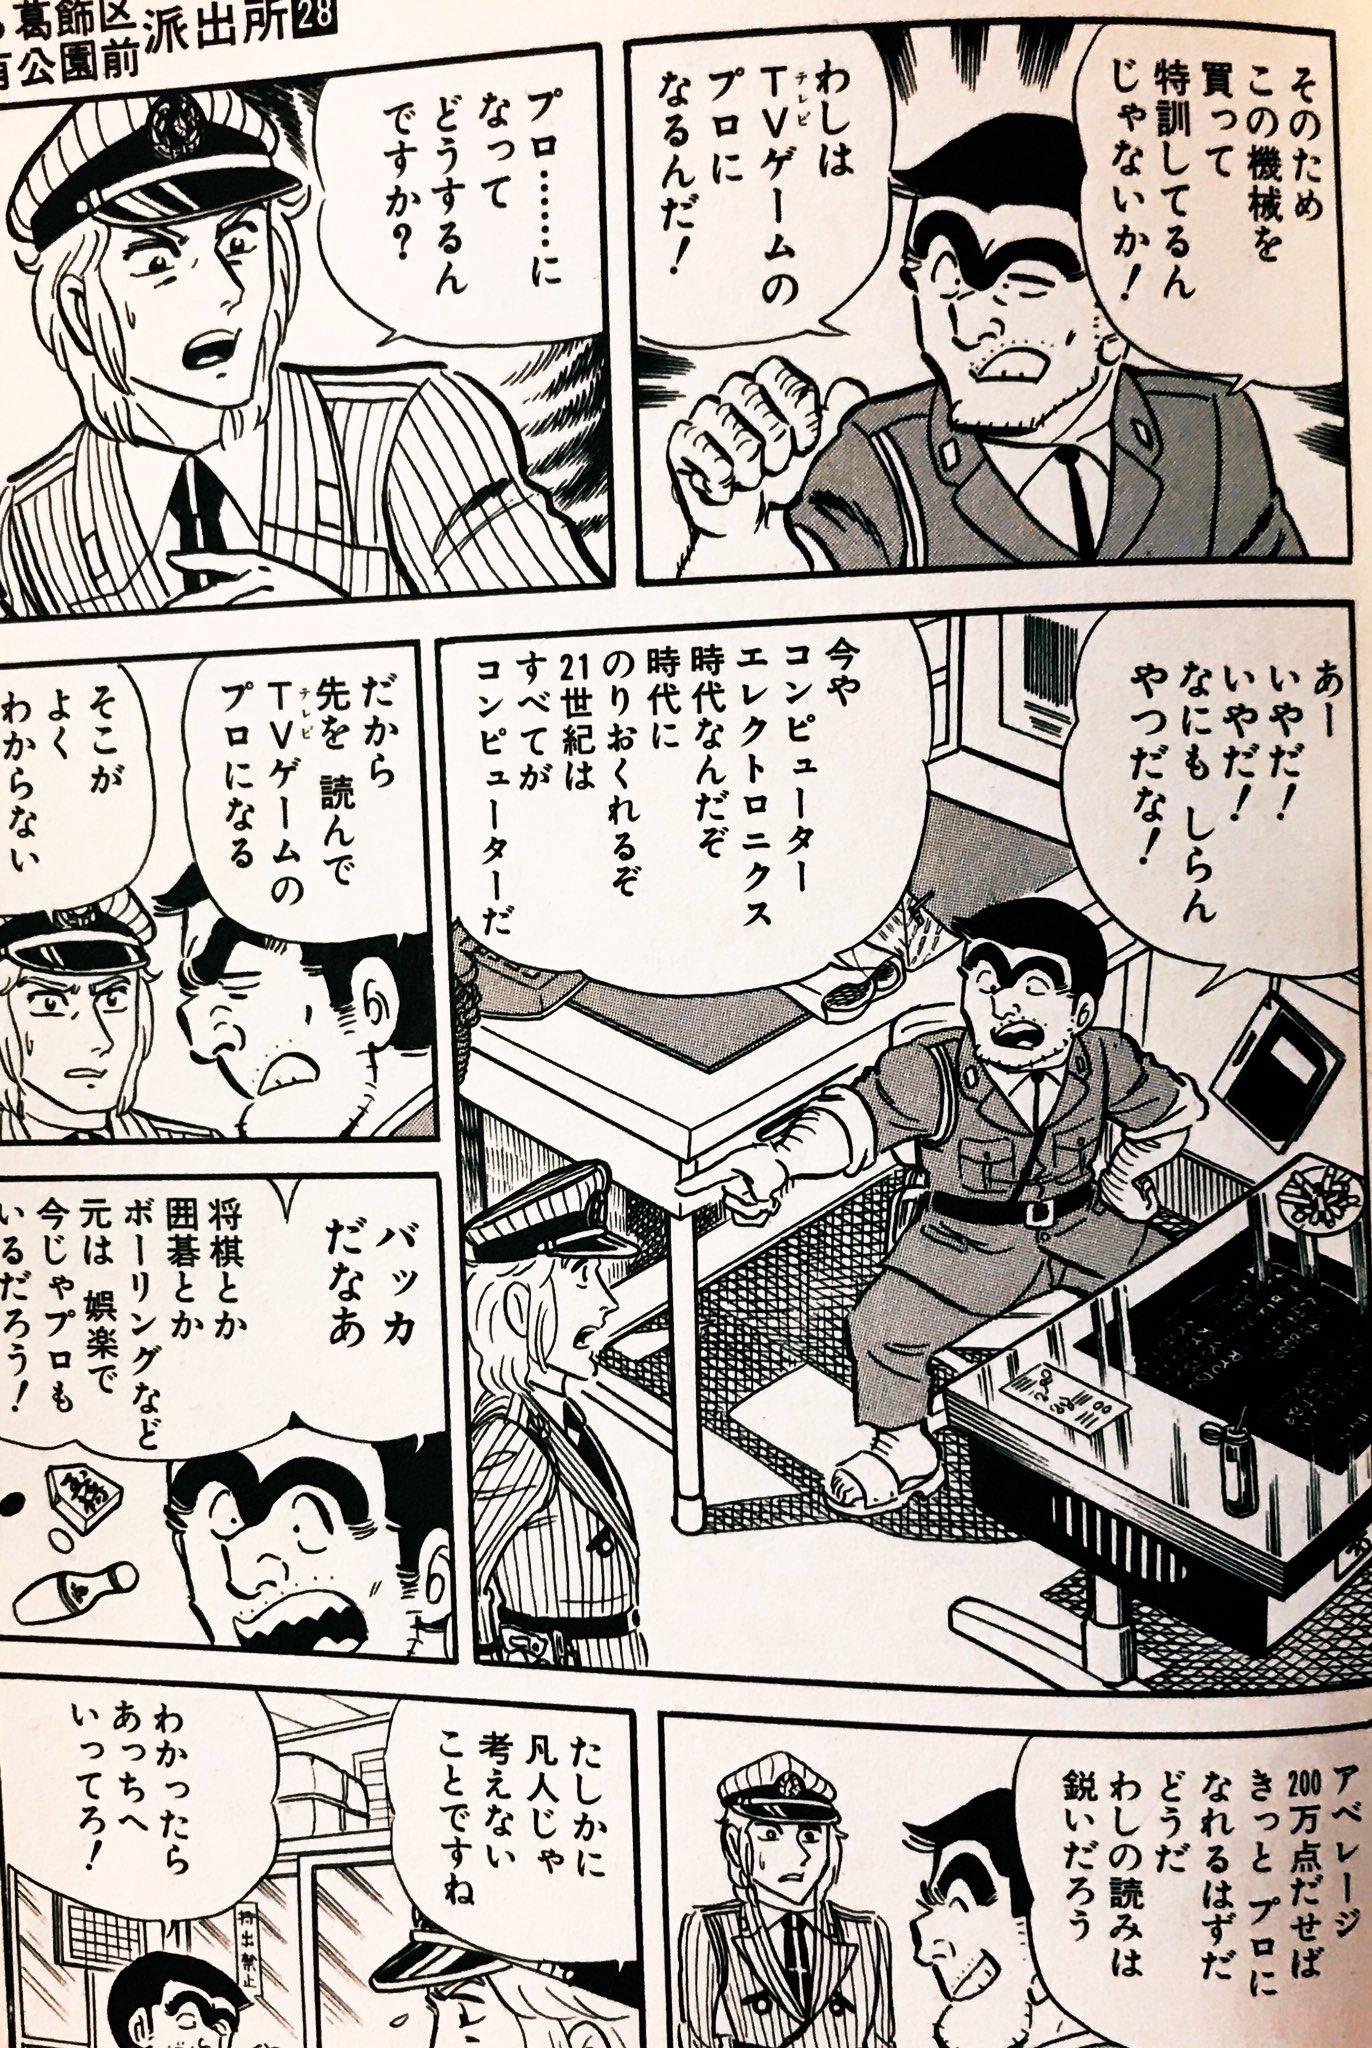 時代を先取りしていた!?昭和58年(1983)にこち亀の両さんがプロゲーマー宣言www